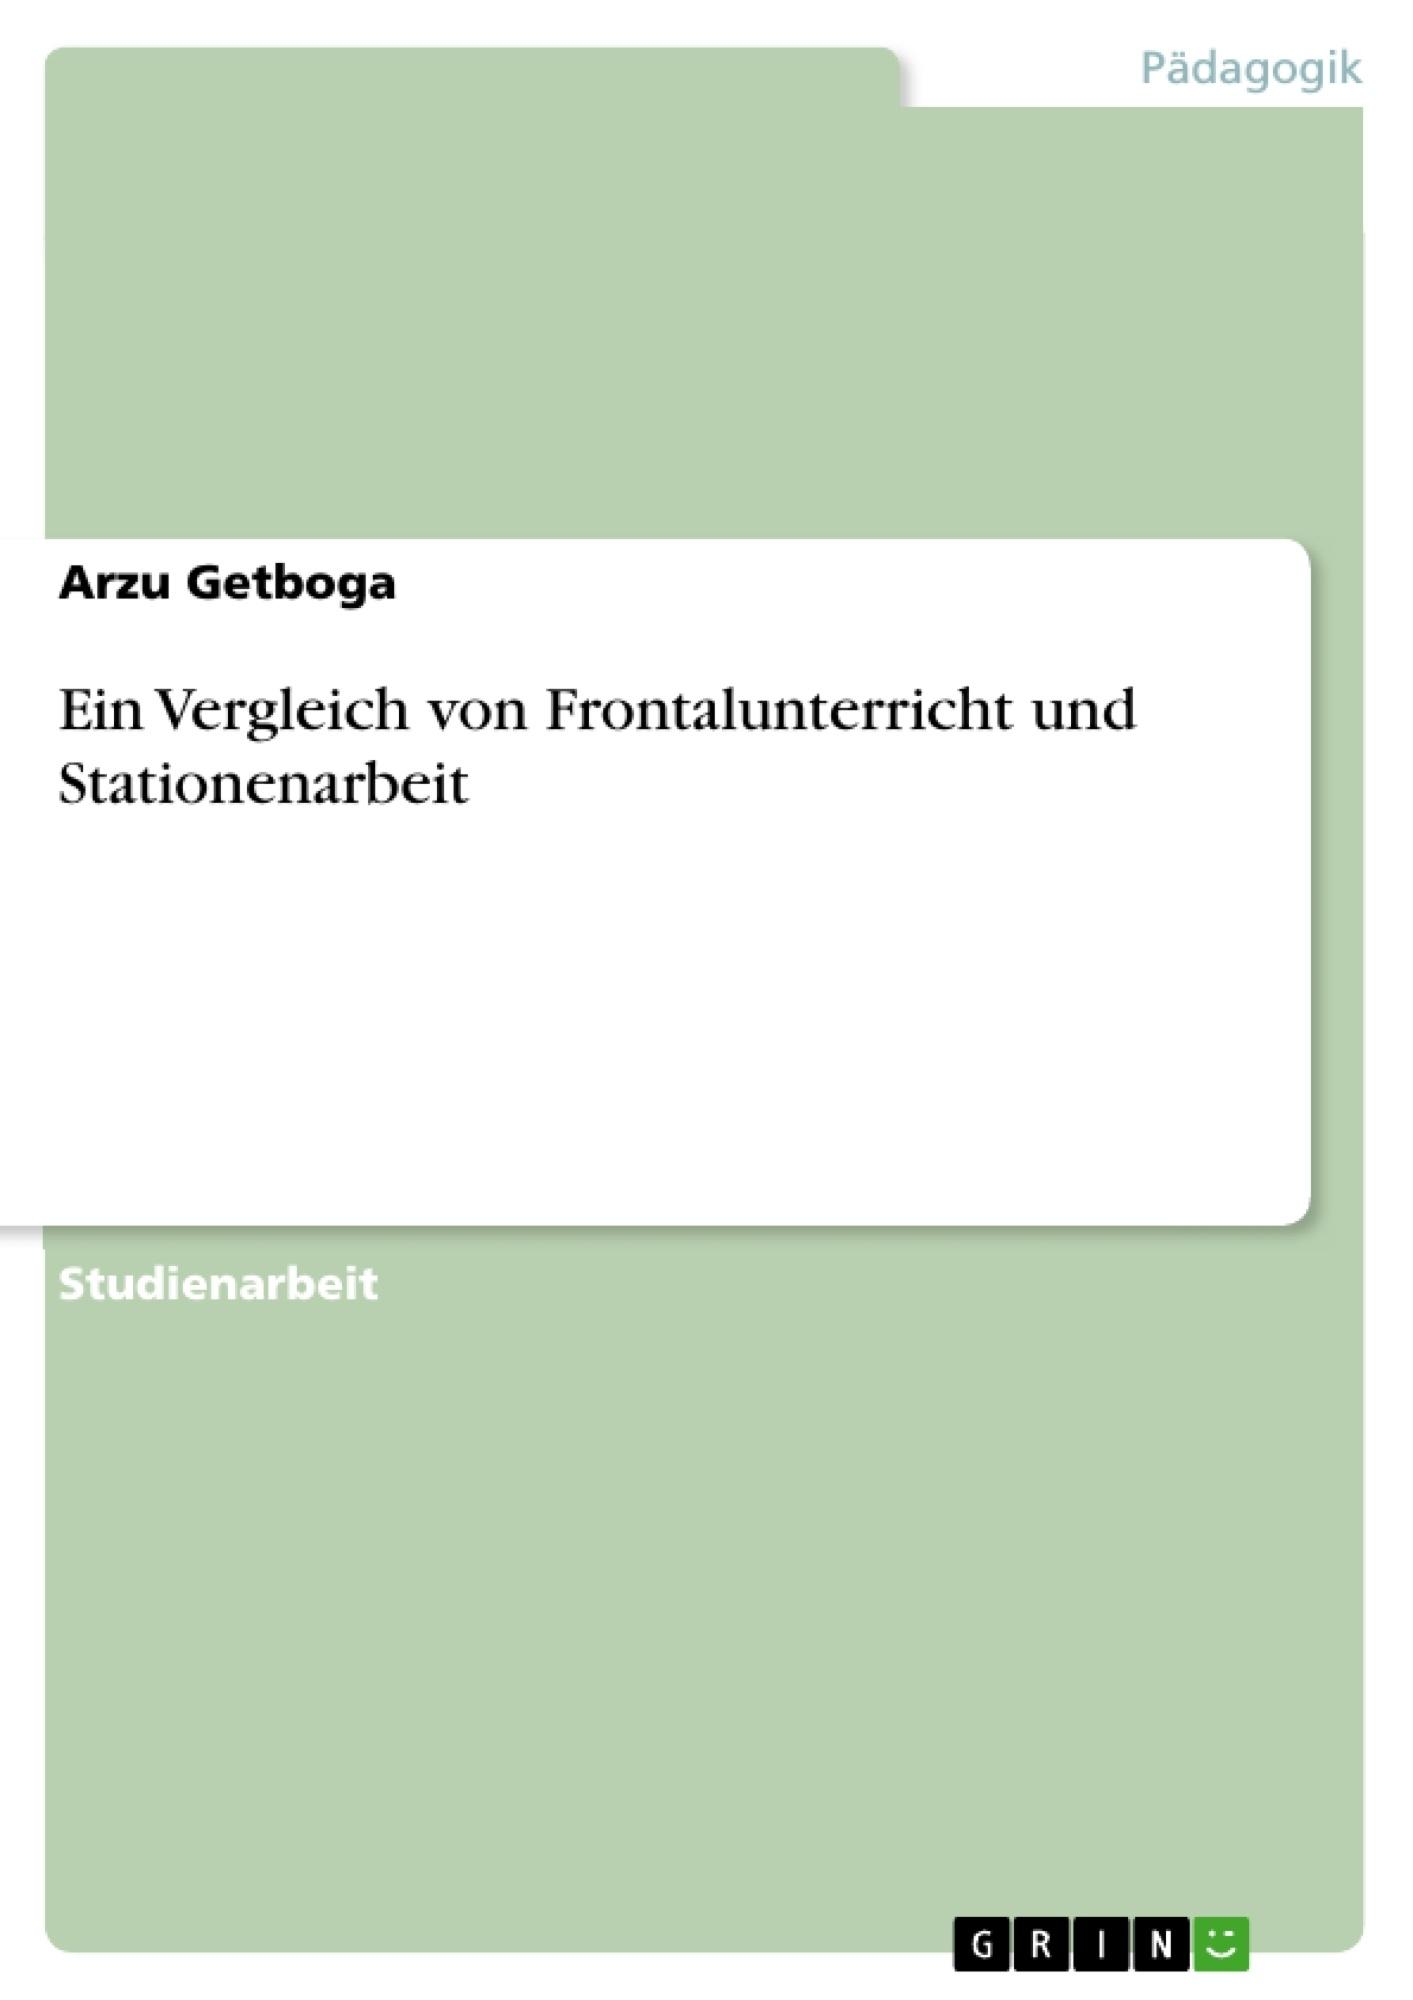 Titel: Ein Vergleich von Frontalunterricht und Stationenarbeit